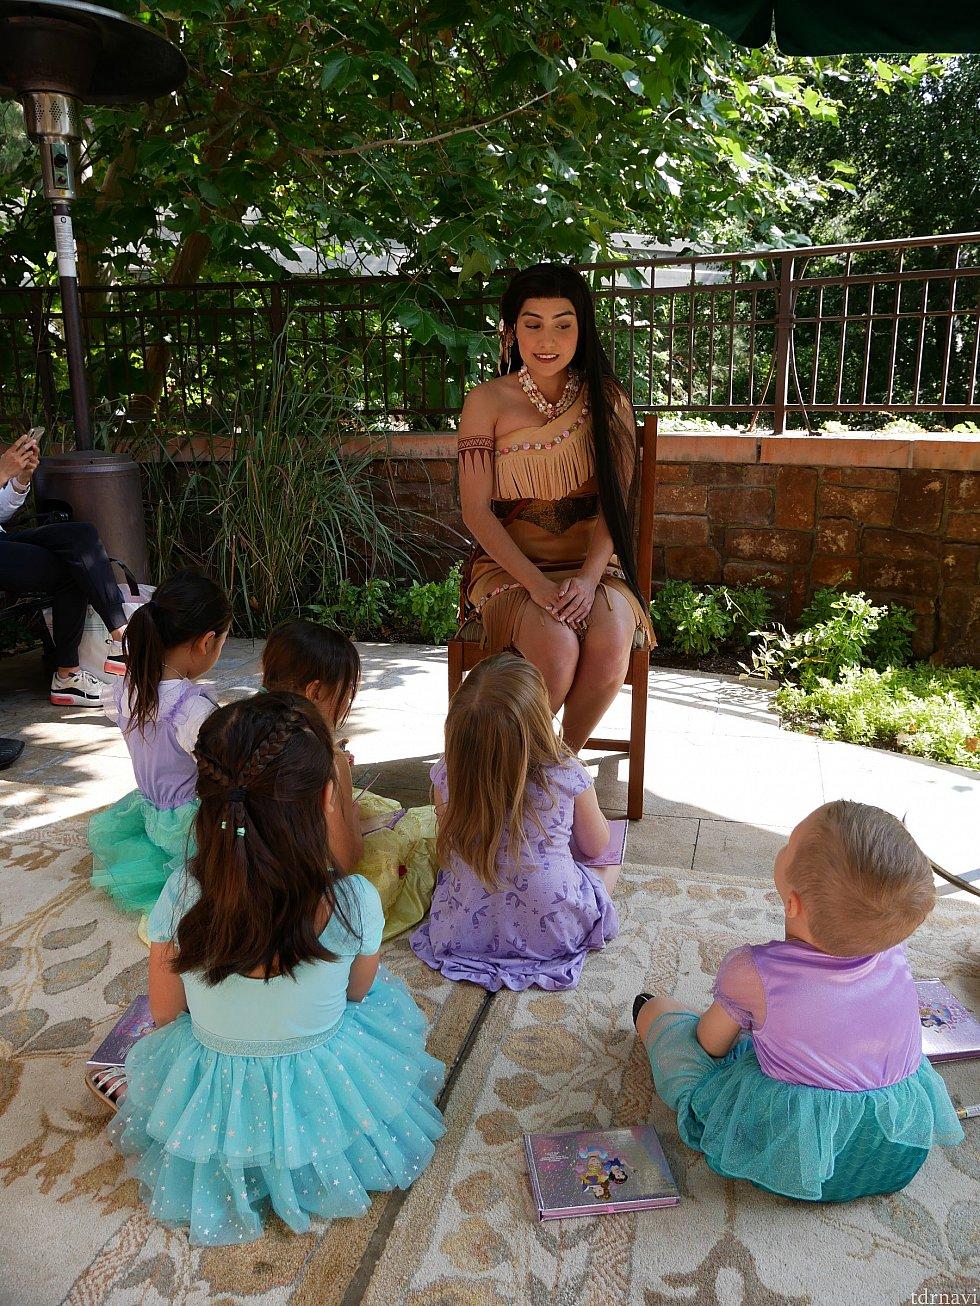 子供たちはプリンセスの近くに座り、大人が回りのイスに座っています。 大人にもガンガン振ってくるポカホンタスだったので、焦りました💦